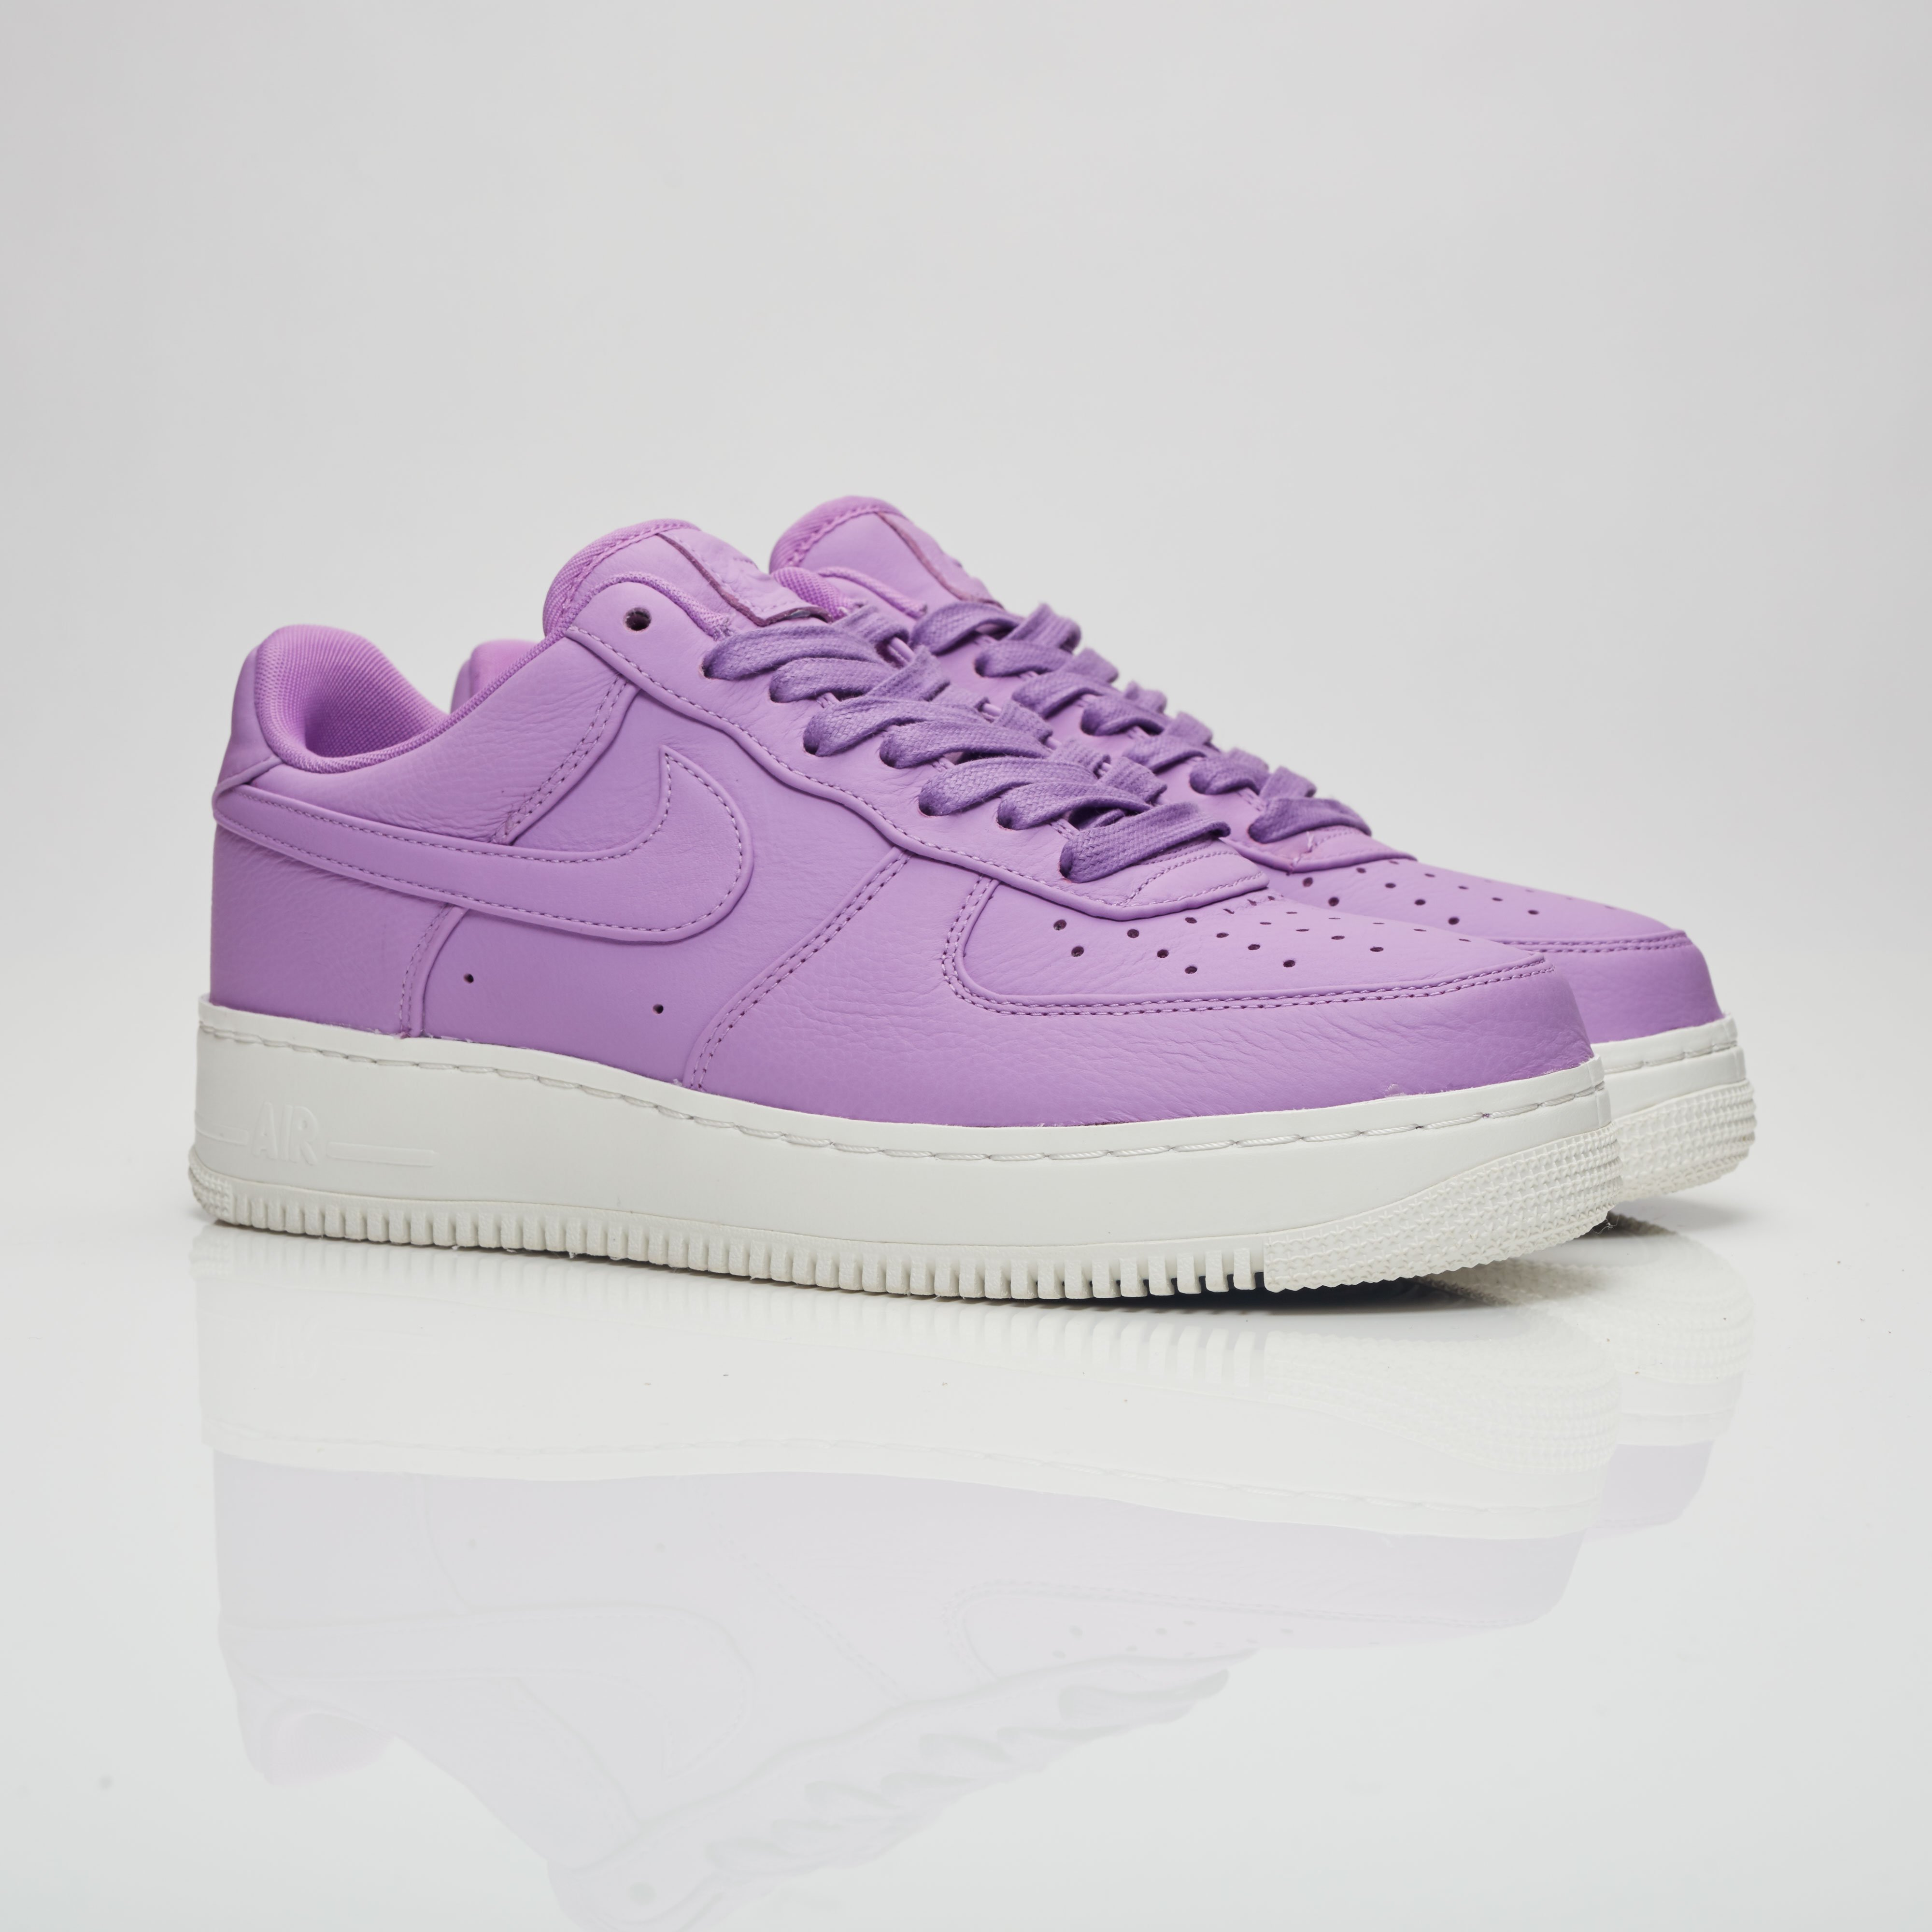 best sneakers 7f387 483f6 Nike Air Force 1 Low - 905618-500 - Sneakersnstuff ...